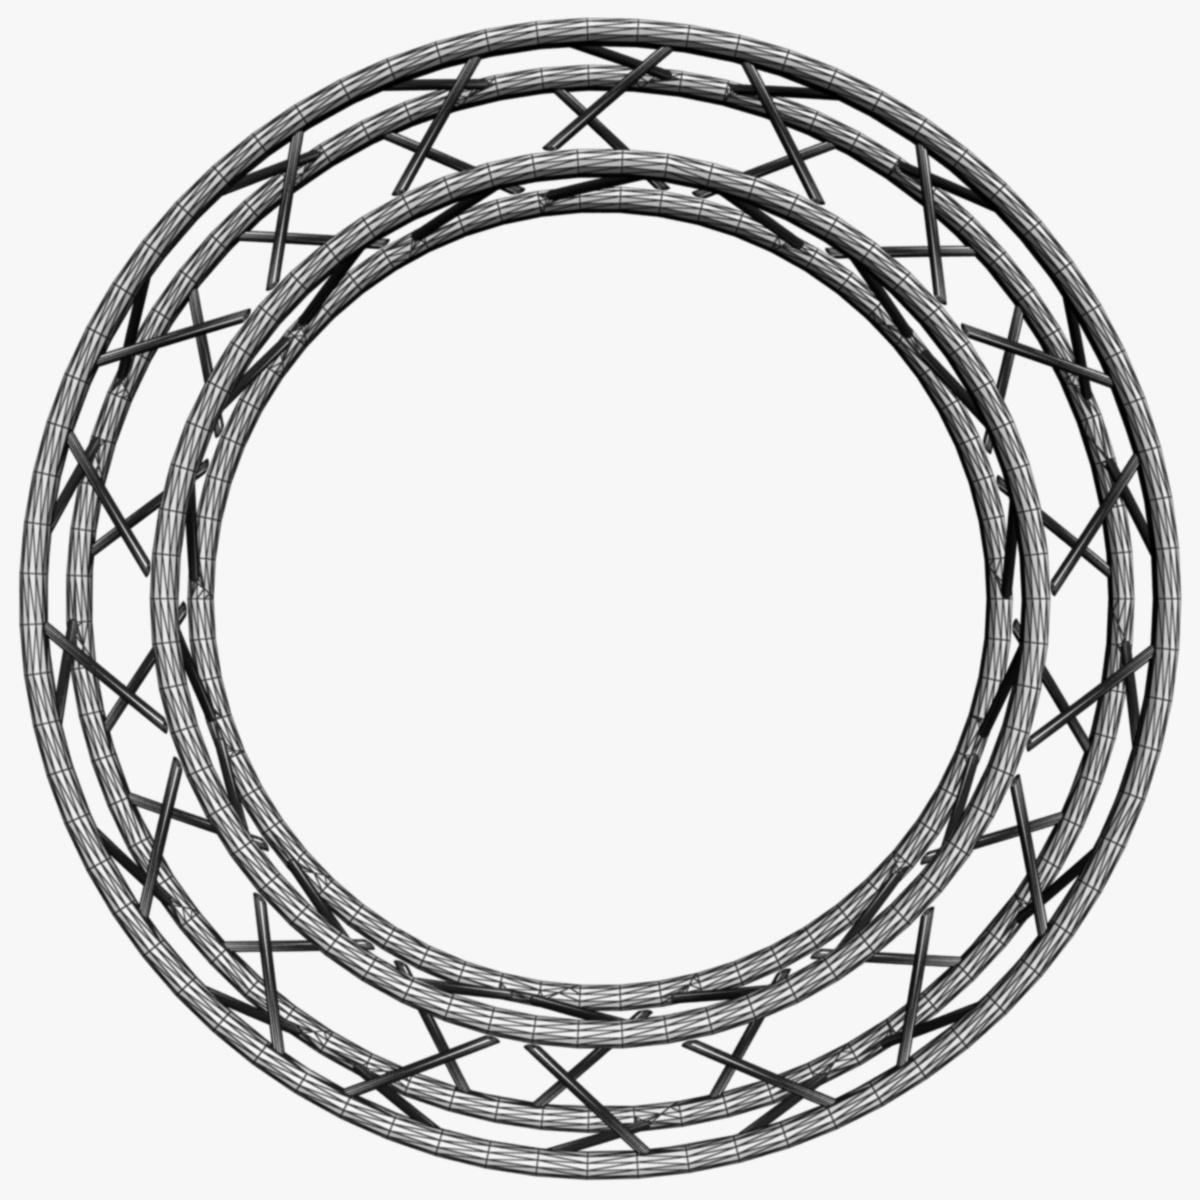 1200x1200 Circle Square Truss (Full Diameter 200cm) 3d Model Scenes Truss